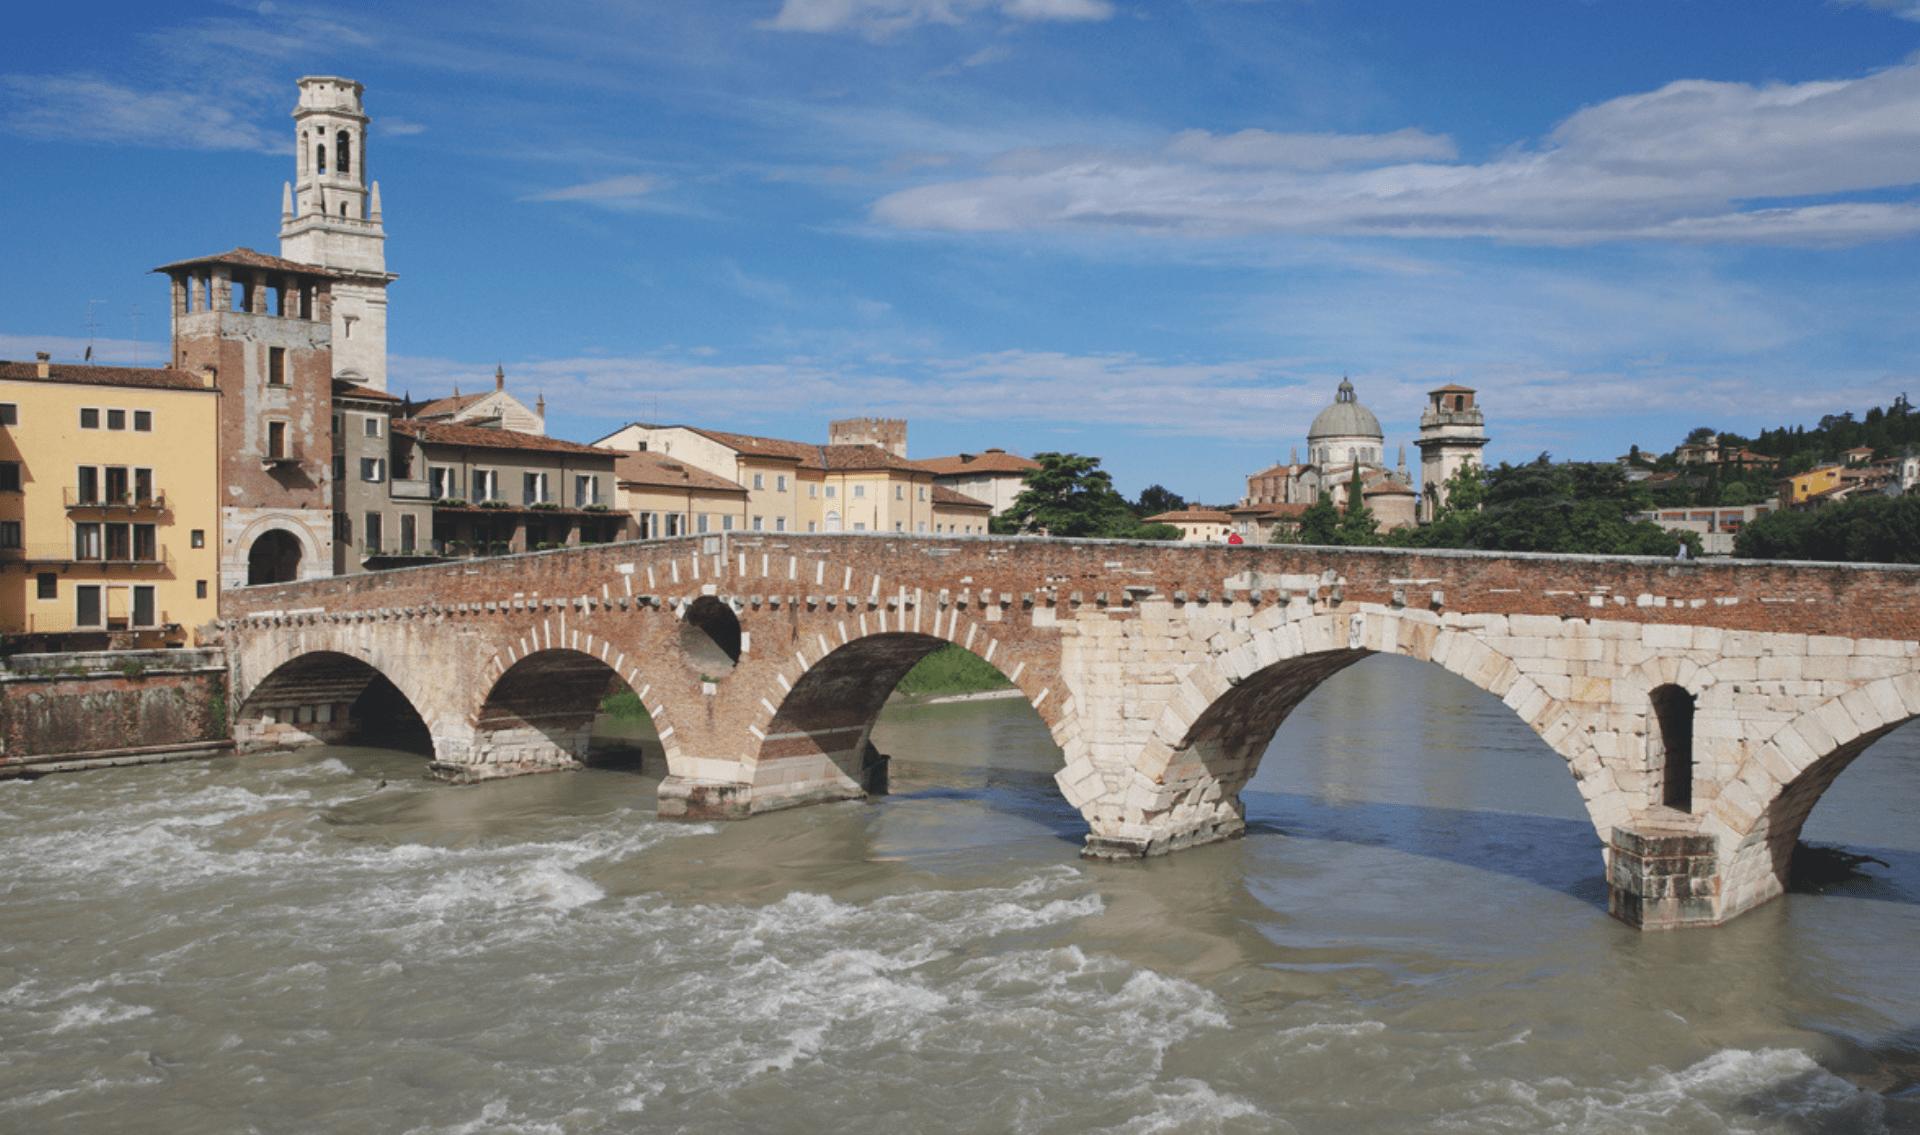 Fietsvakantie langs de Etsch/Adige (tot Verona)